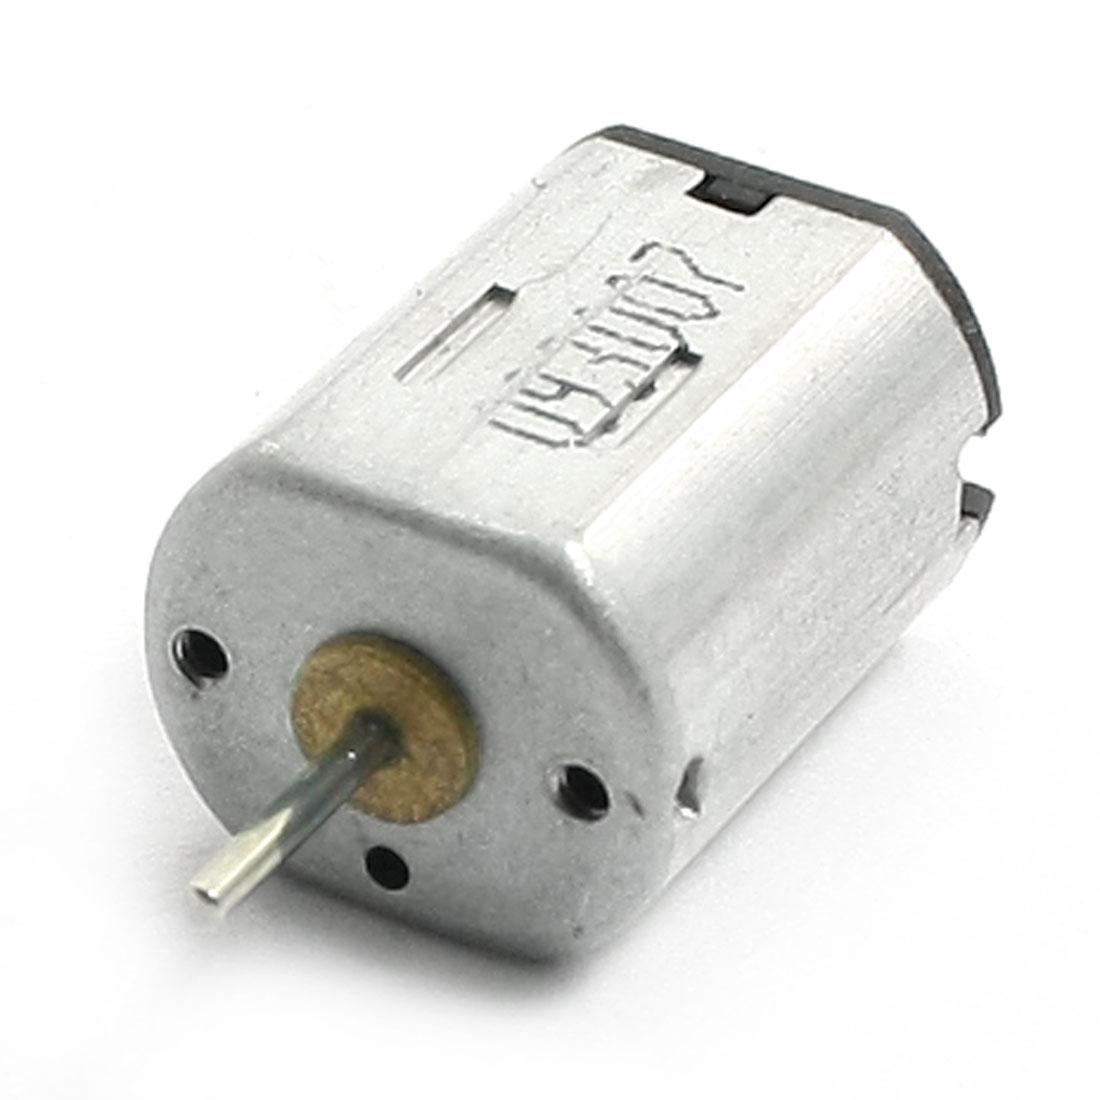 12000R/Min DC 3V High Torque Mini Micro Vibrate Vibration Motor